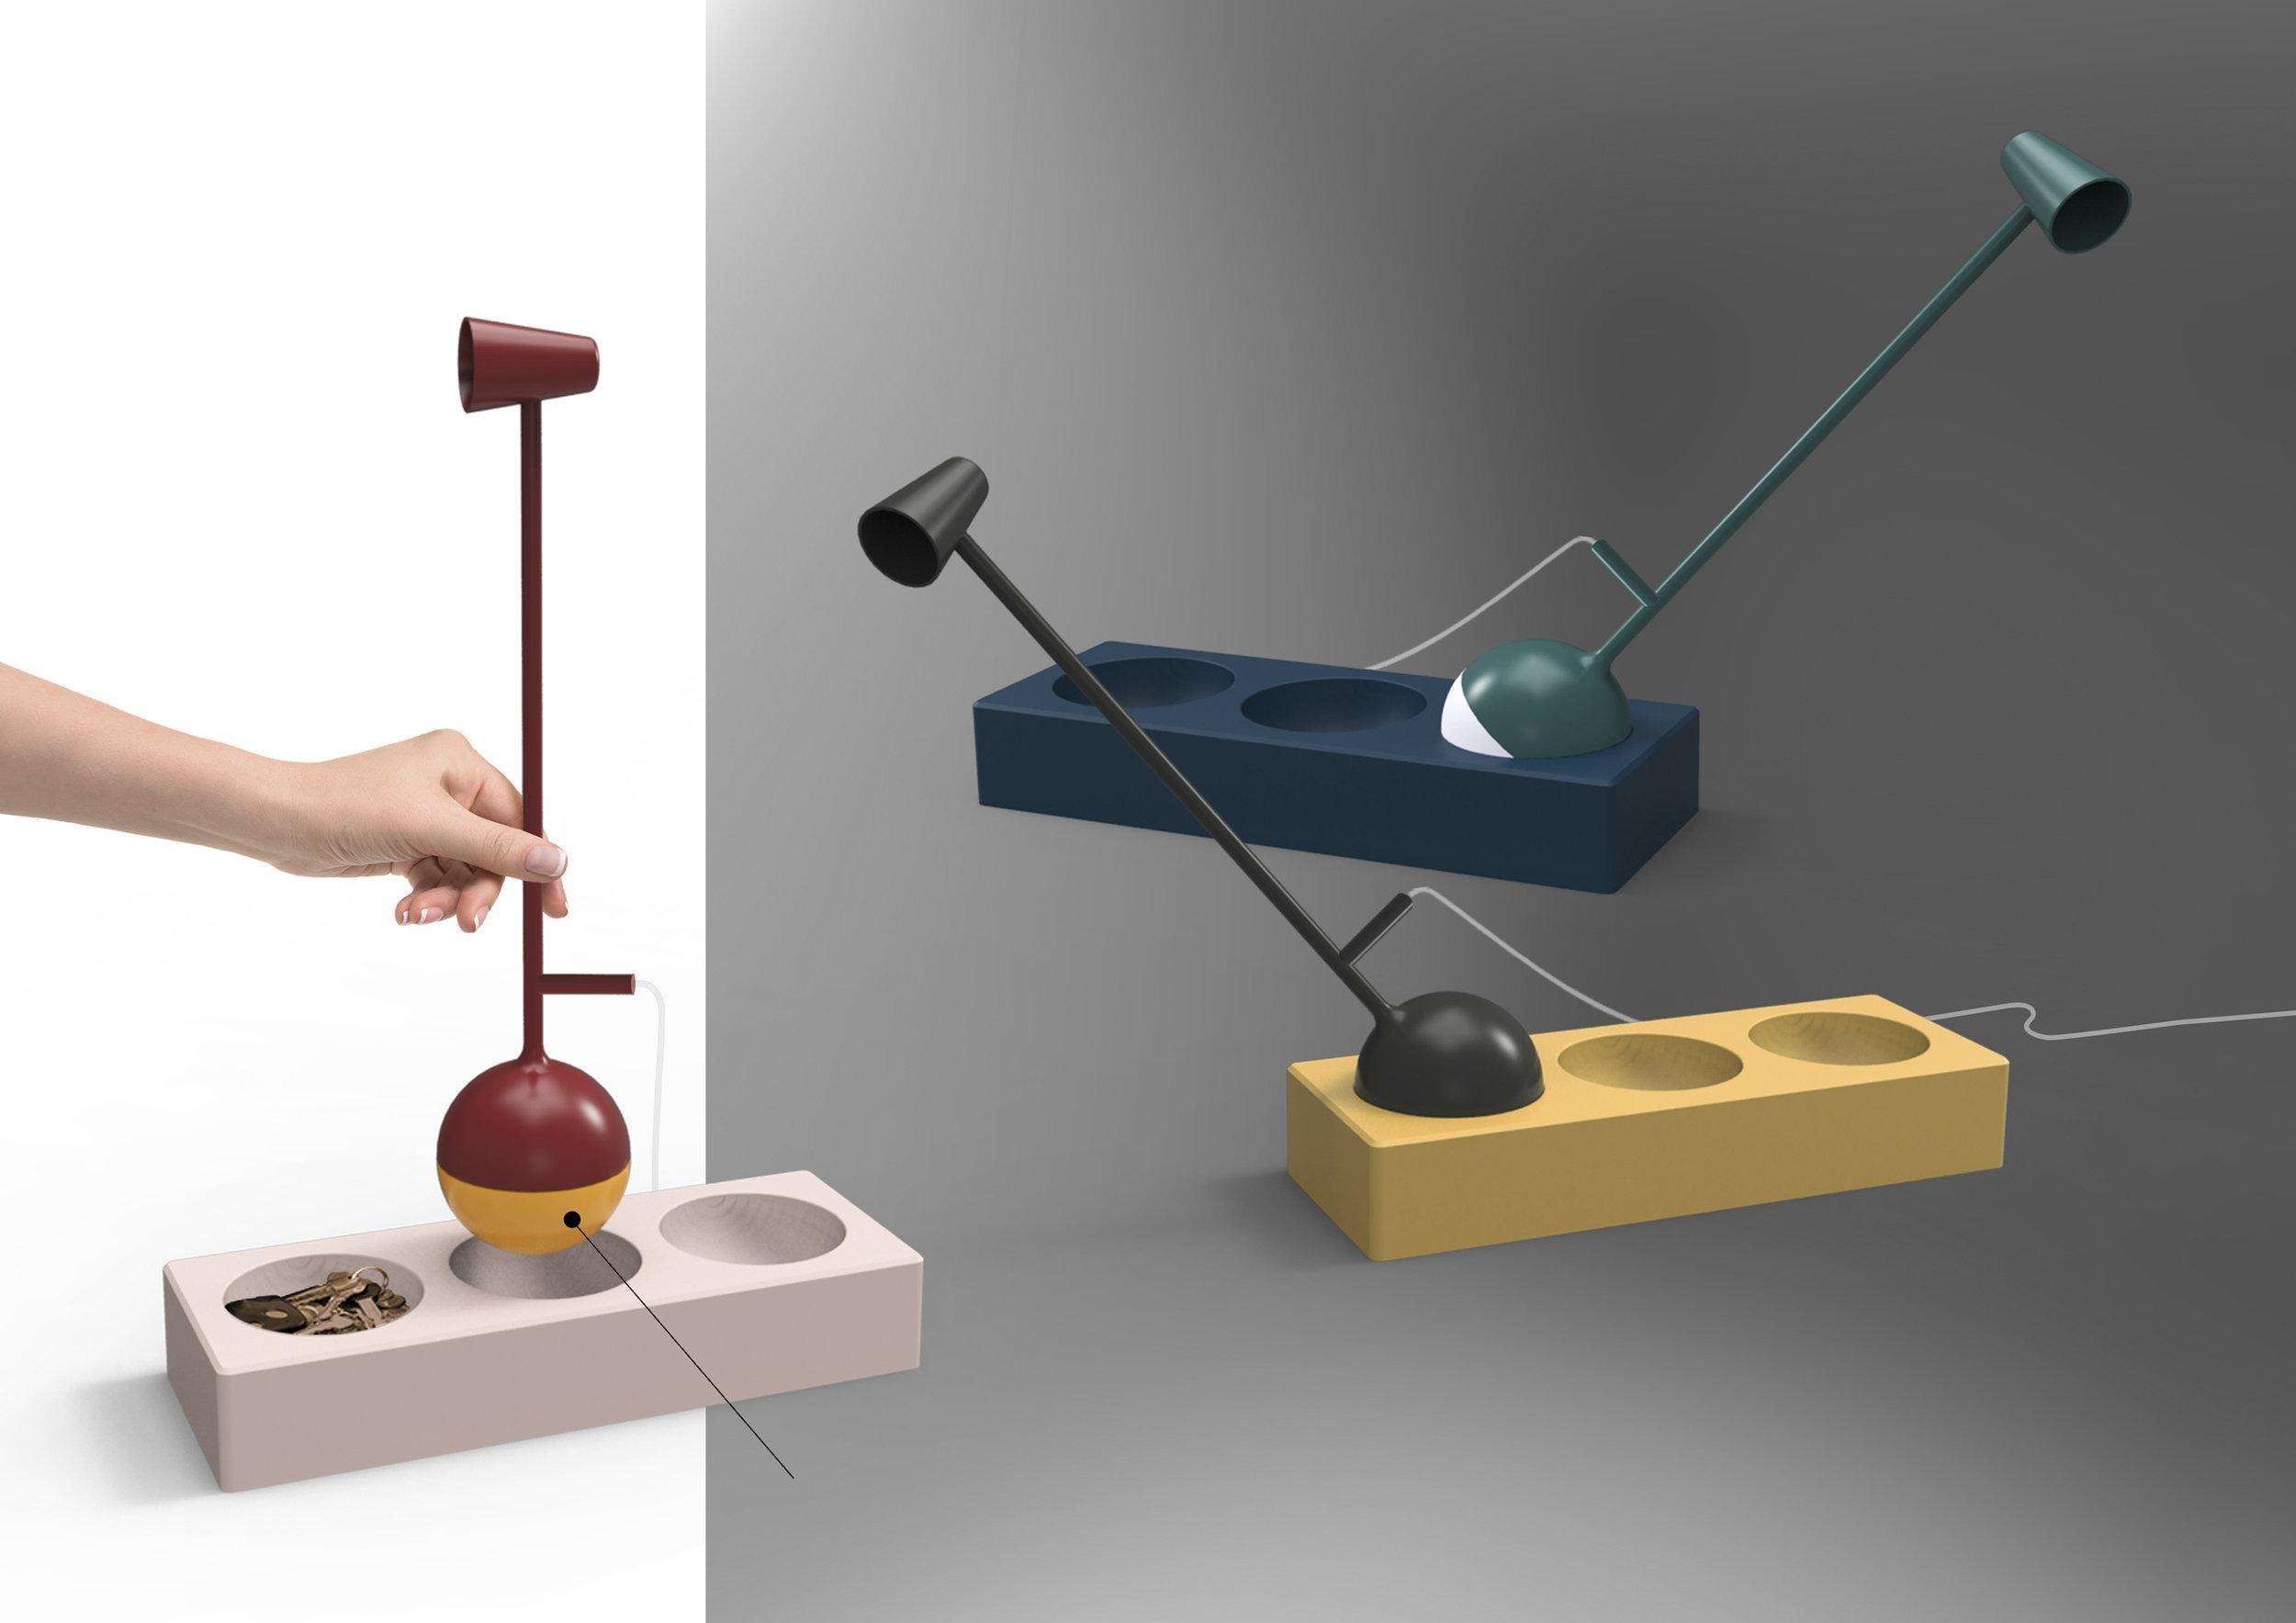 Gal Bulka – Licht, passgenau: Axis von Gal Bulka ist eine zweiteilige, farbenfrohe Tischleuchte. Der Einfallswinkel des Lichts ist spielerisch und völlig flexibel einzustellen: Wie ein Gelenkkopf in der Pfanne sitzt die Basis in einer von drei verfügbaren Mulden eines separaten Elements. (Foto: Gal Bulka; Koelnmesse)